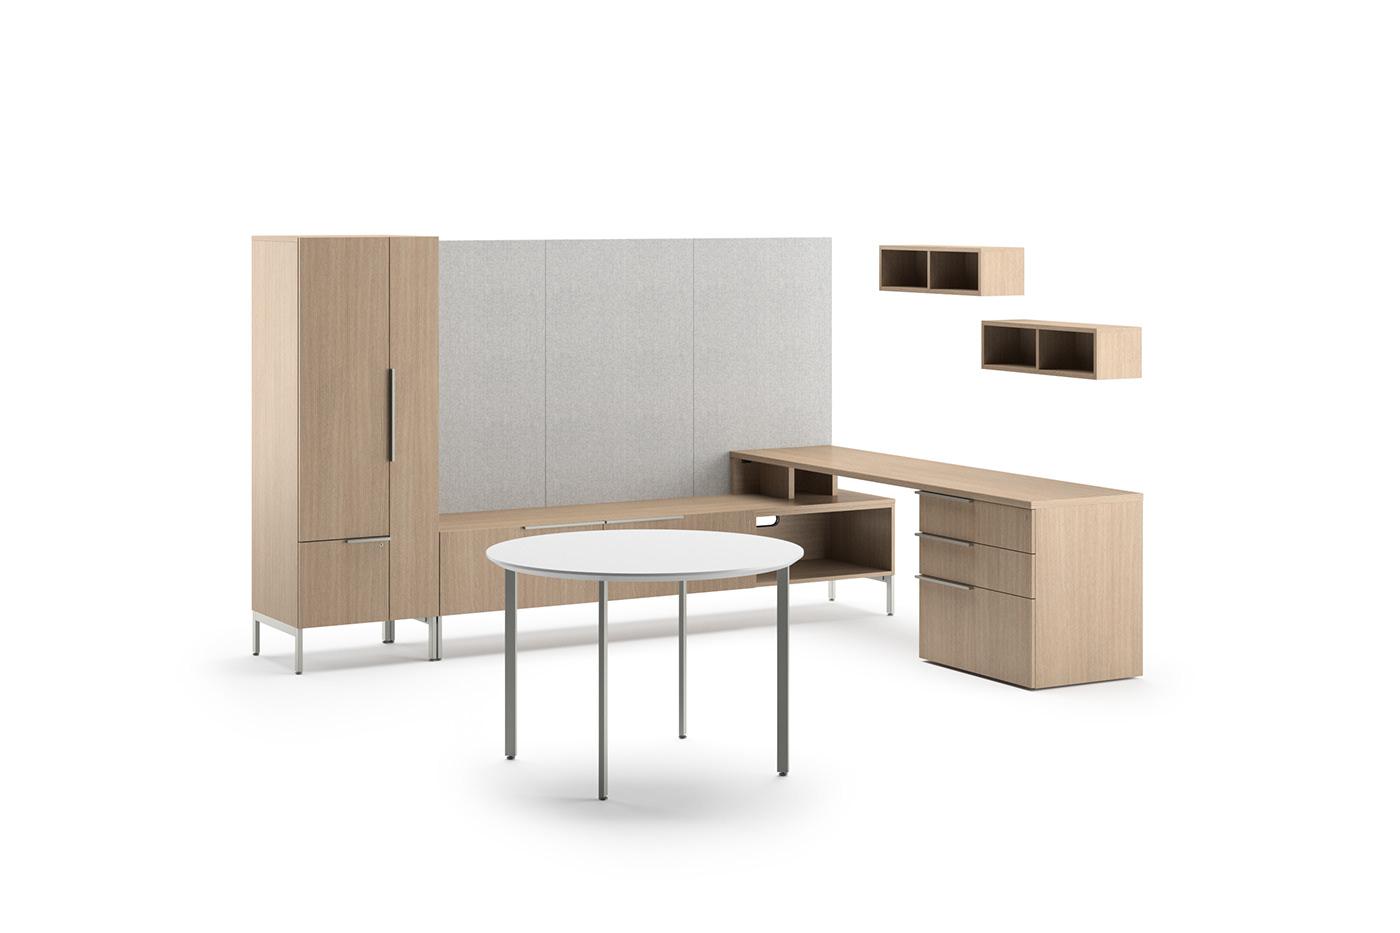 funirture ,Interior,3D